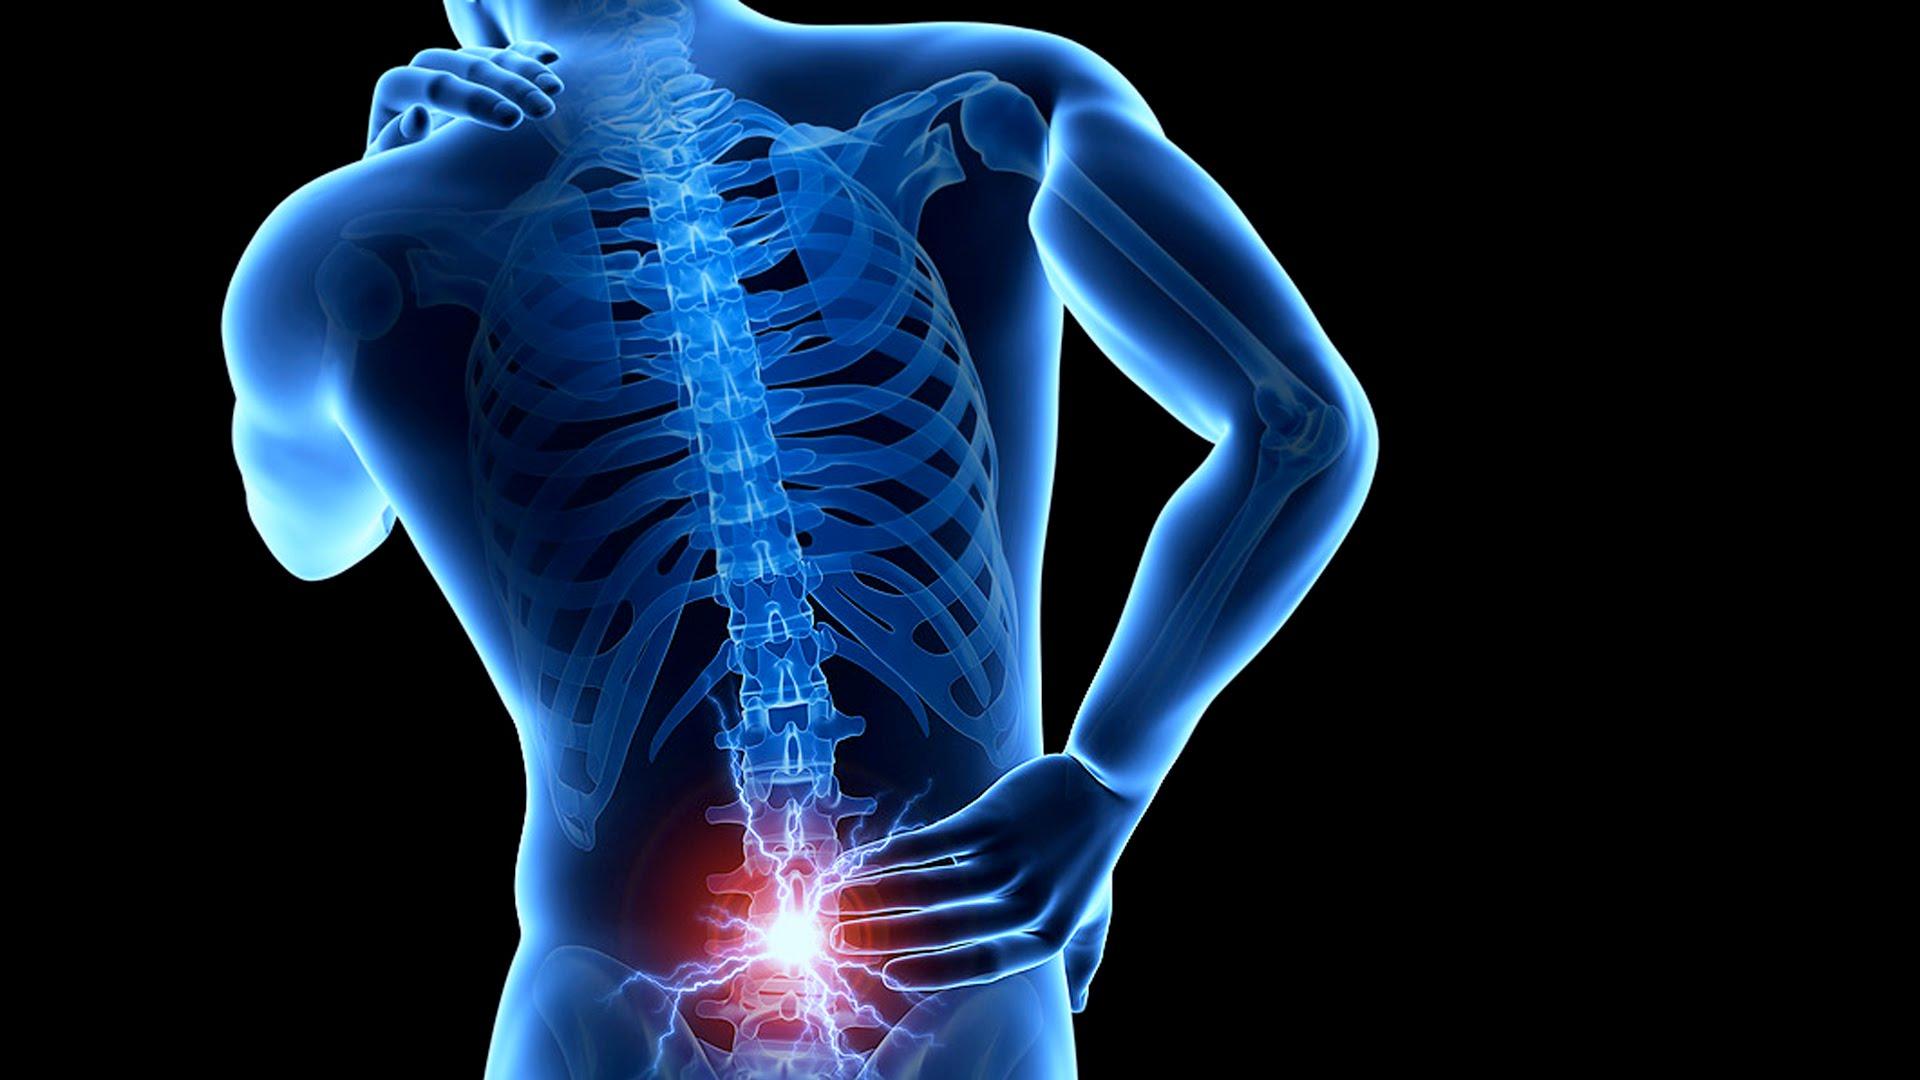 Остеохондроз поясничного отдела позвоночника симптомы и лечение видео